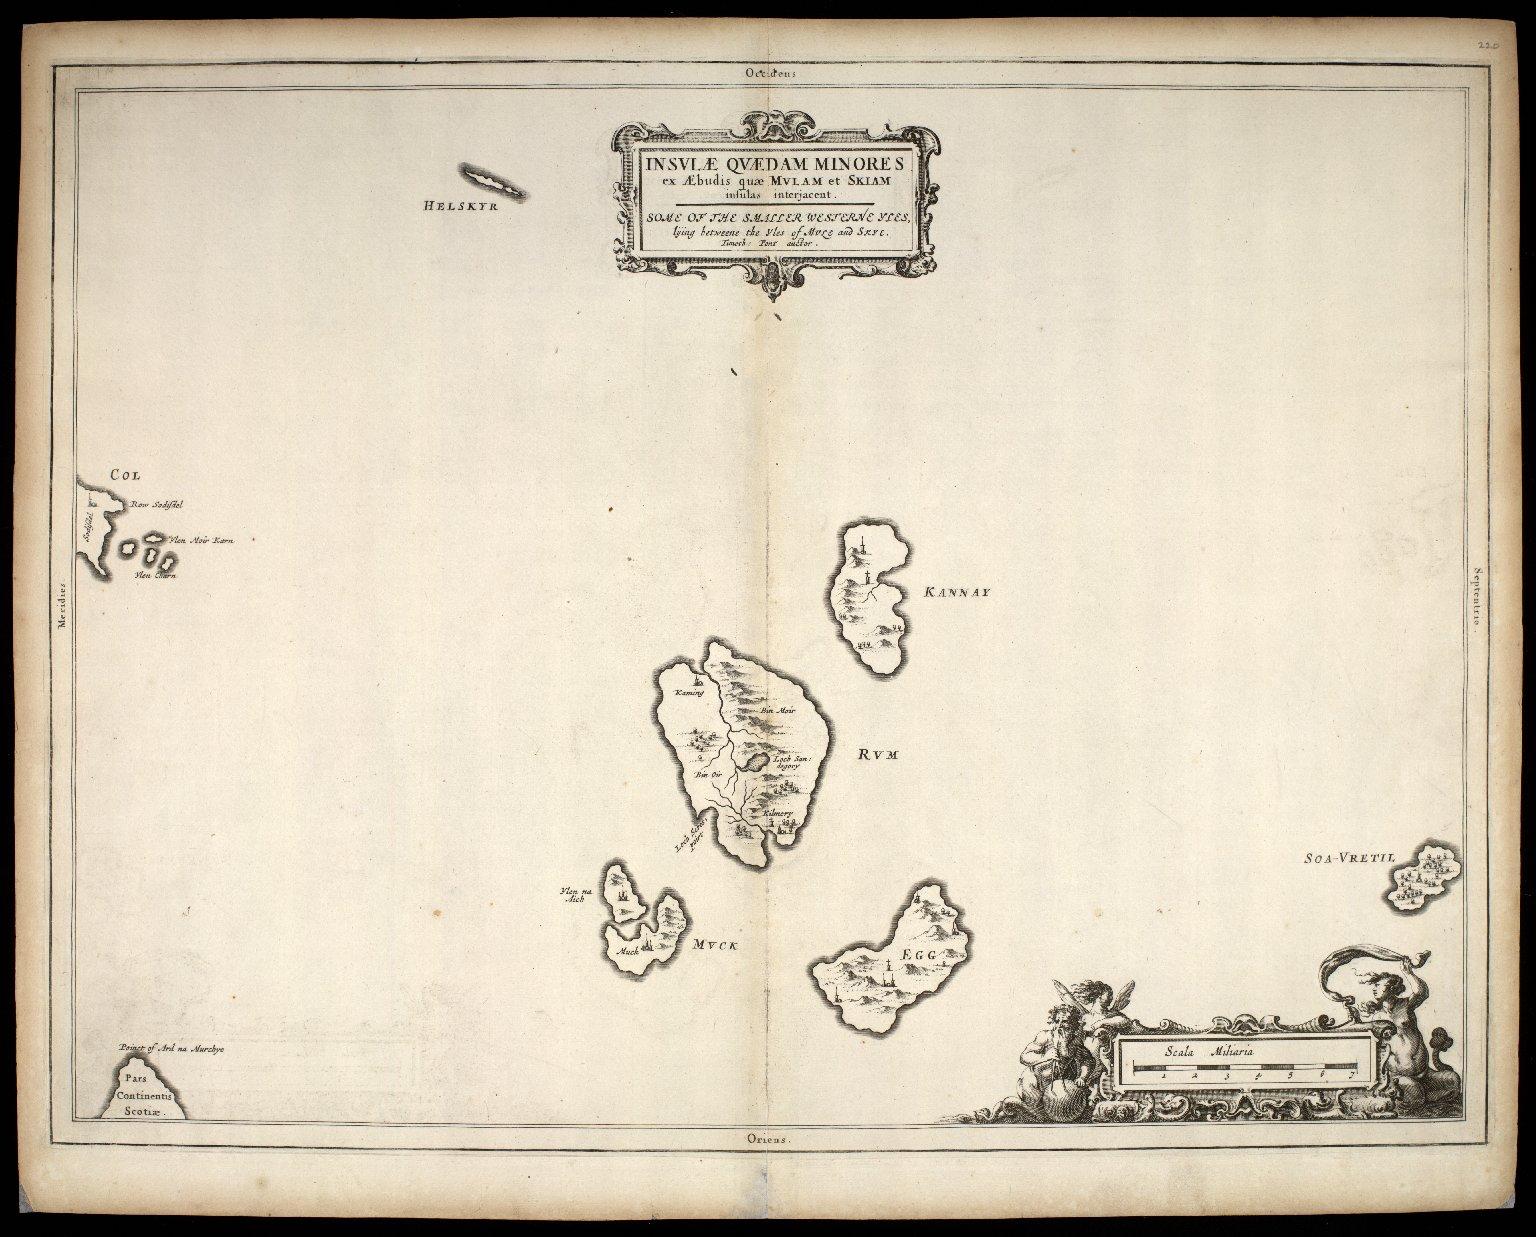 Insulae quaedam minores ex Aebudis quae Mulam et Skiam insulas interjacent. [1 of 1]